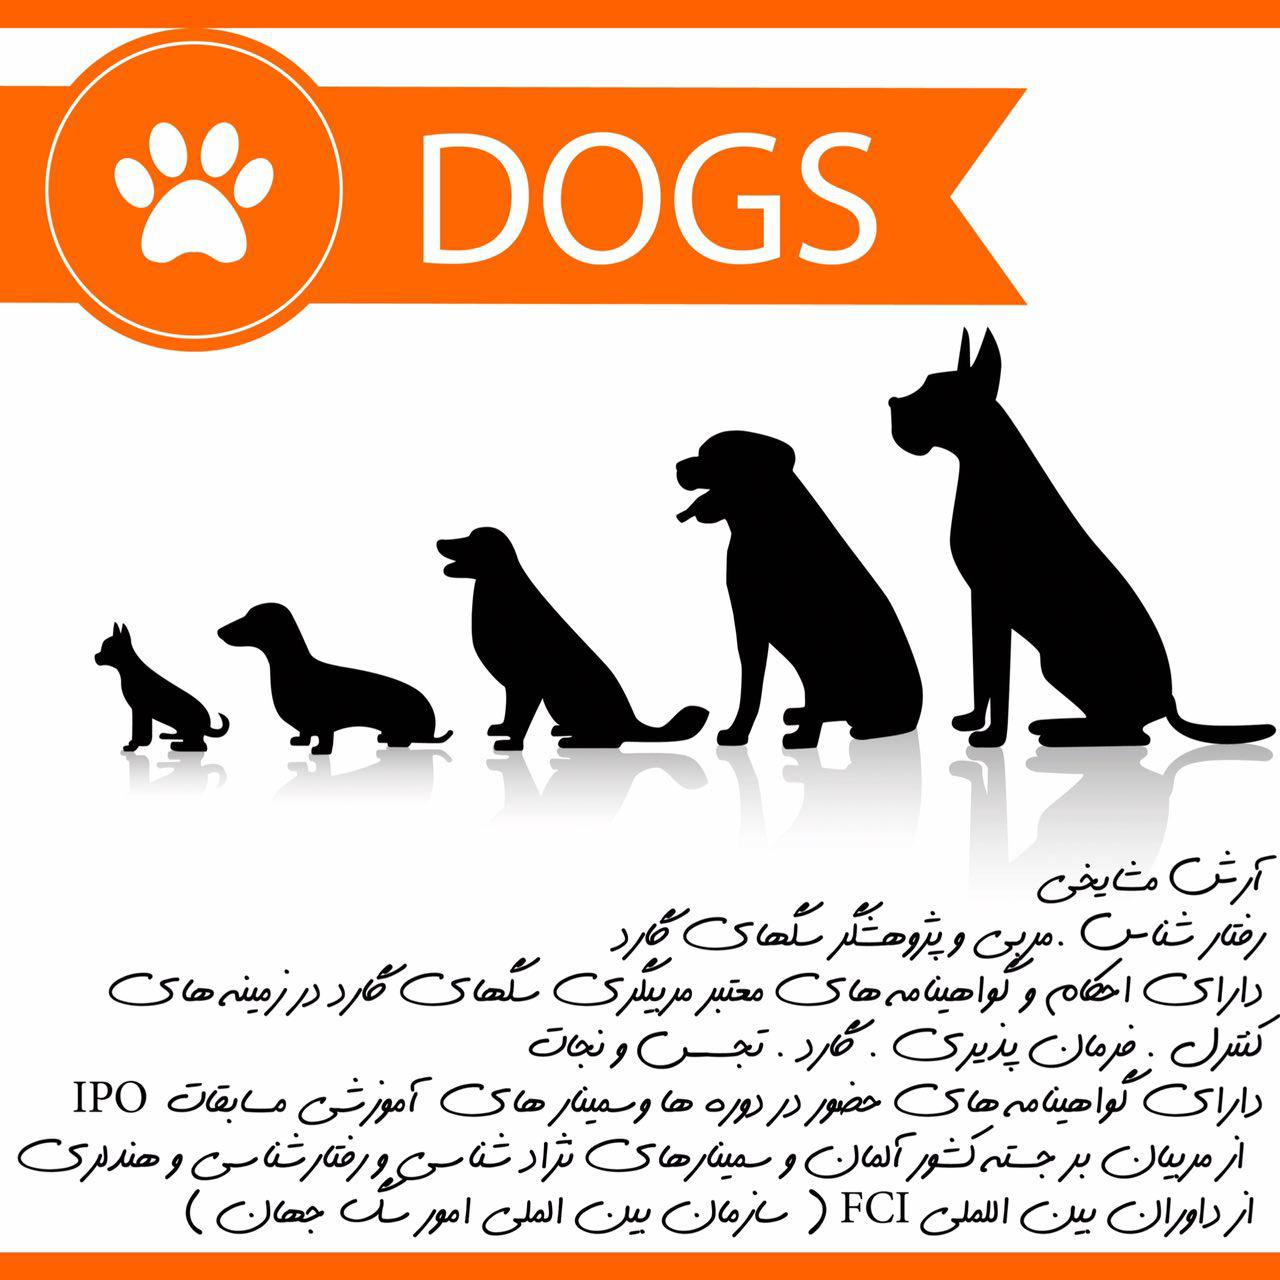 حضور برترین مربی تربیت سگ در ایران